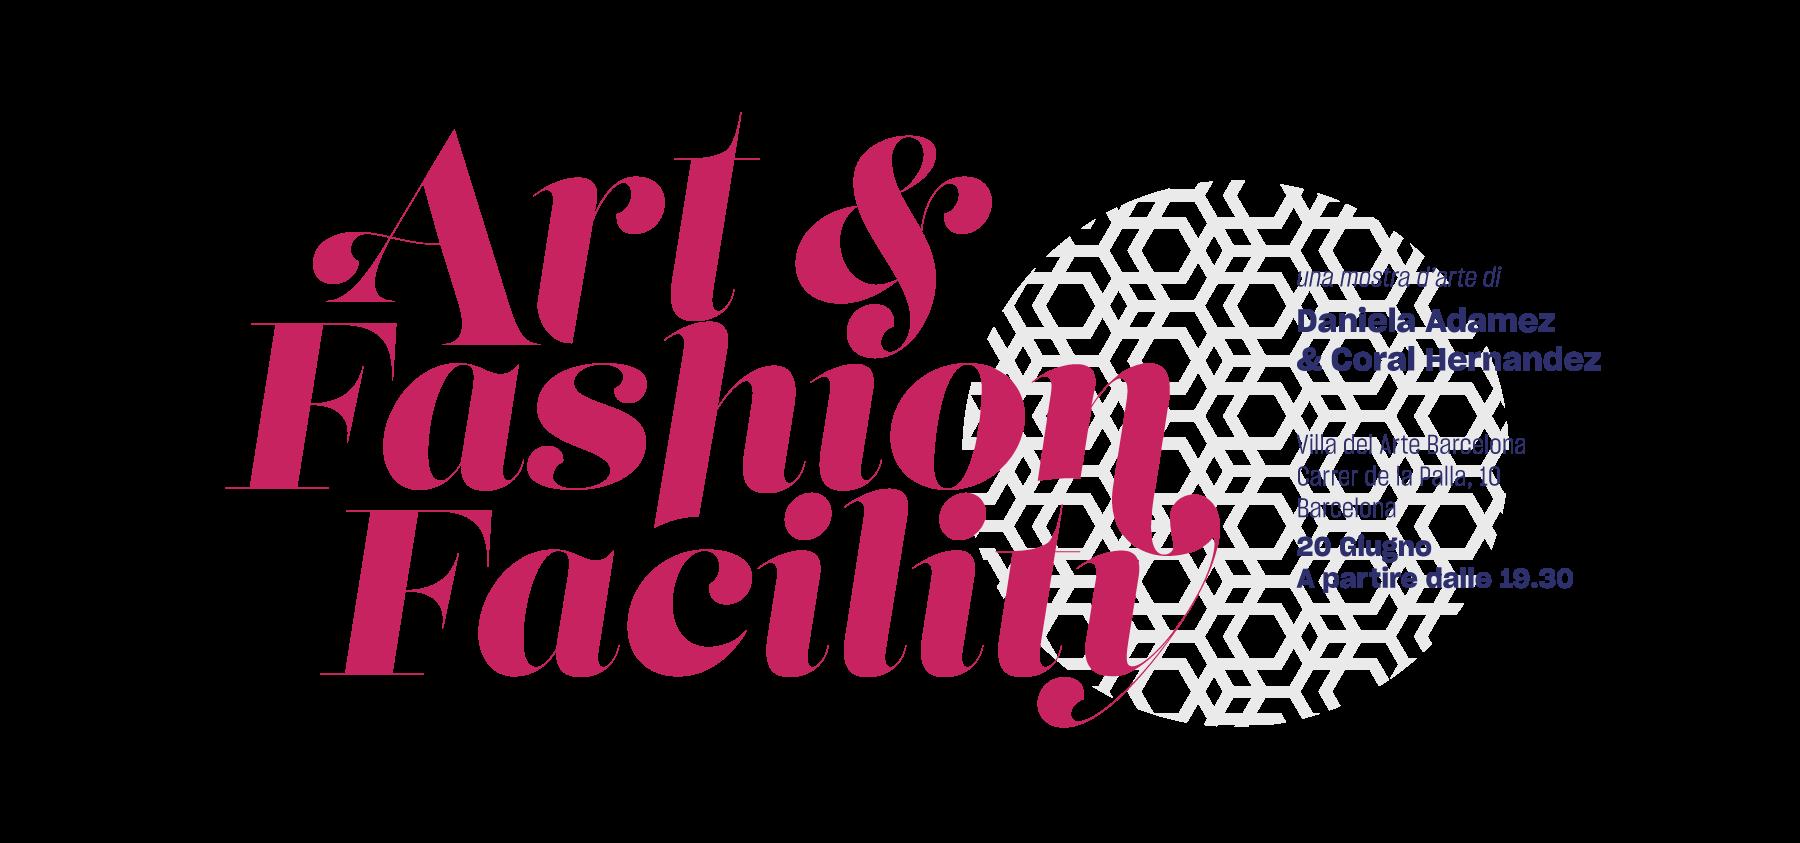 Art & Facility Fashion